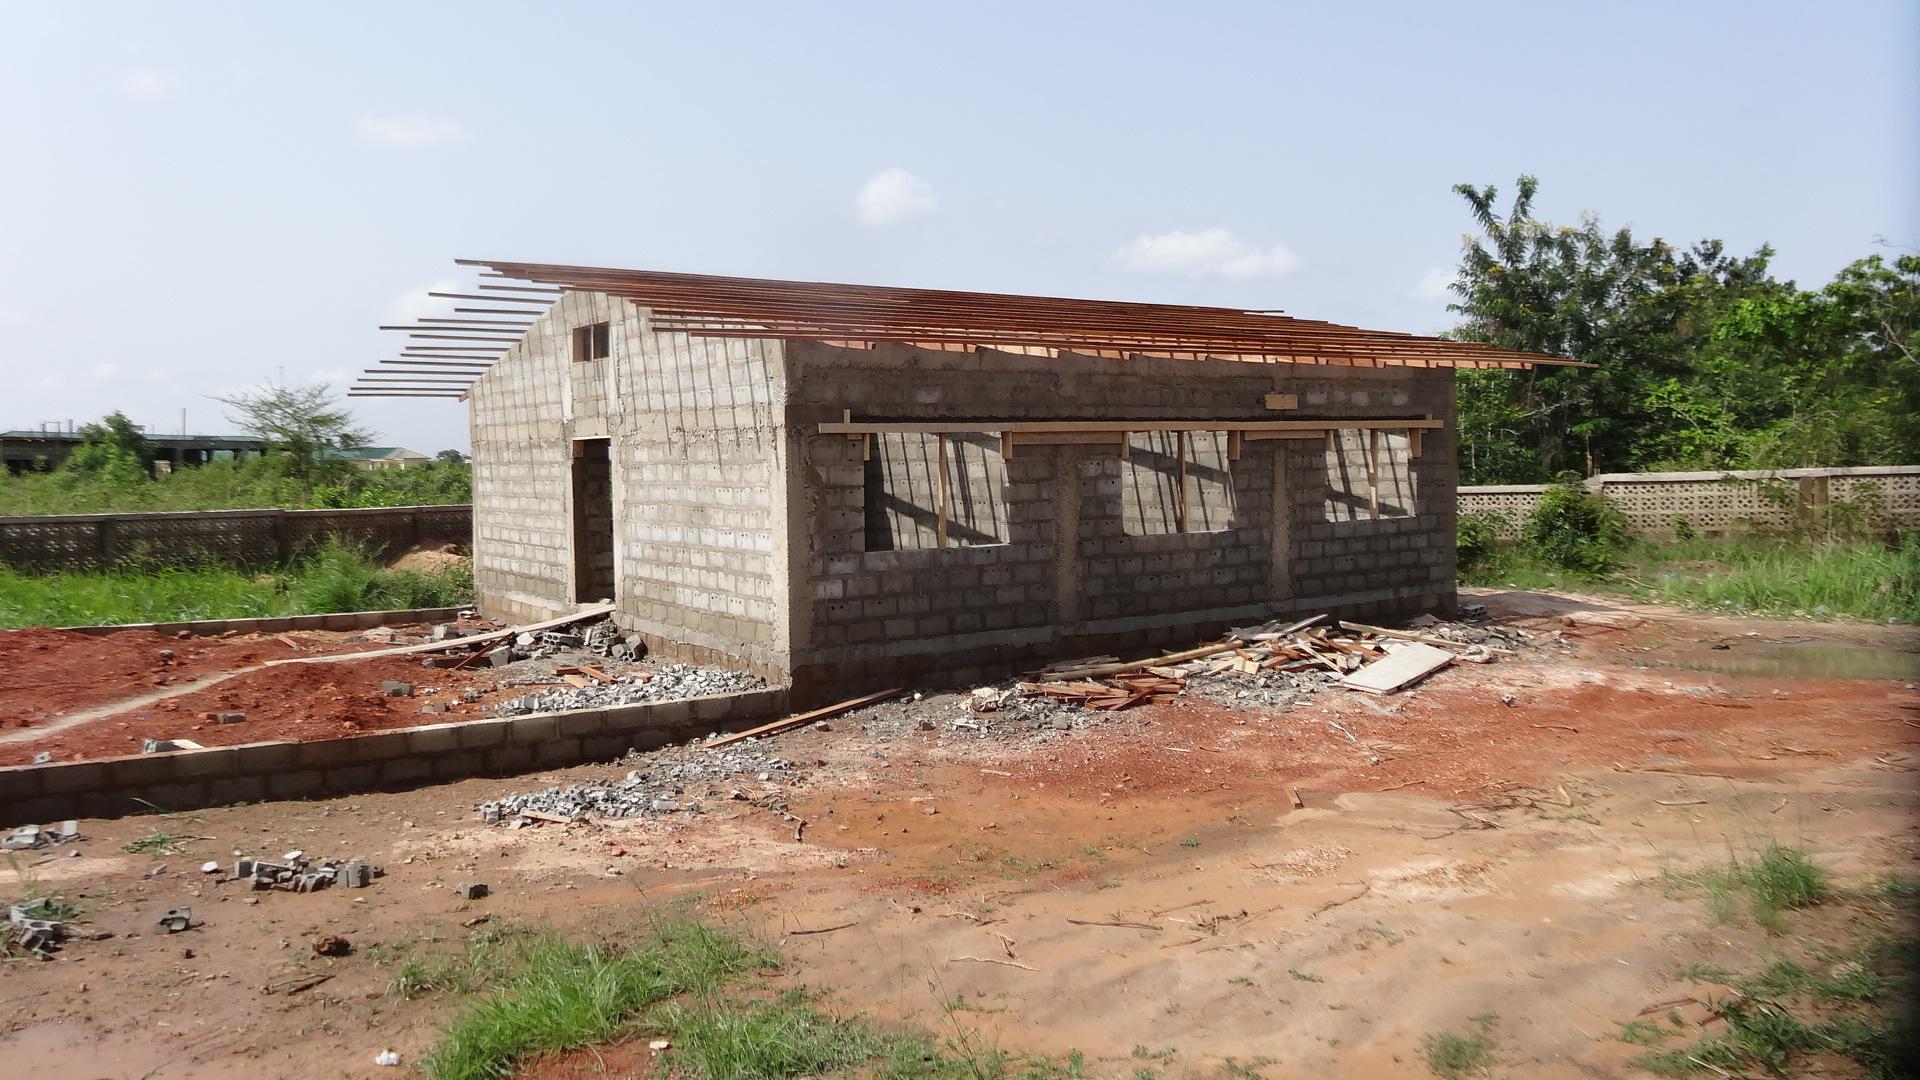 Erster Ausbau 2013 - Natürlich bekommen die Häuser auch ein Dach